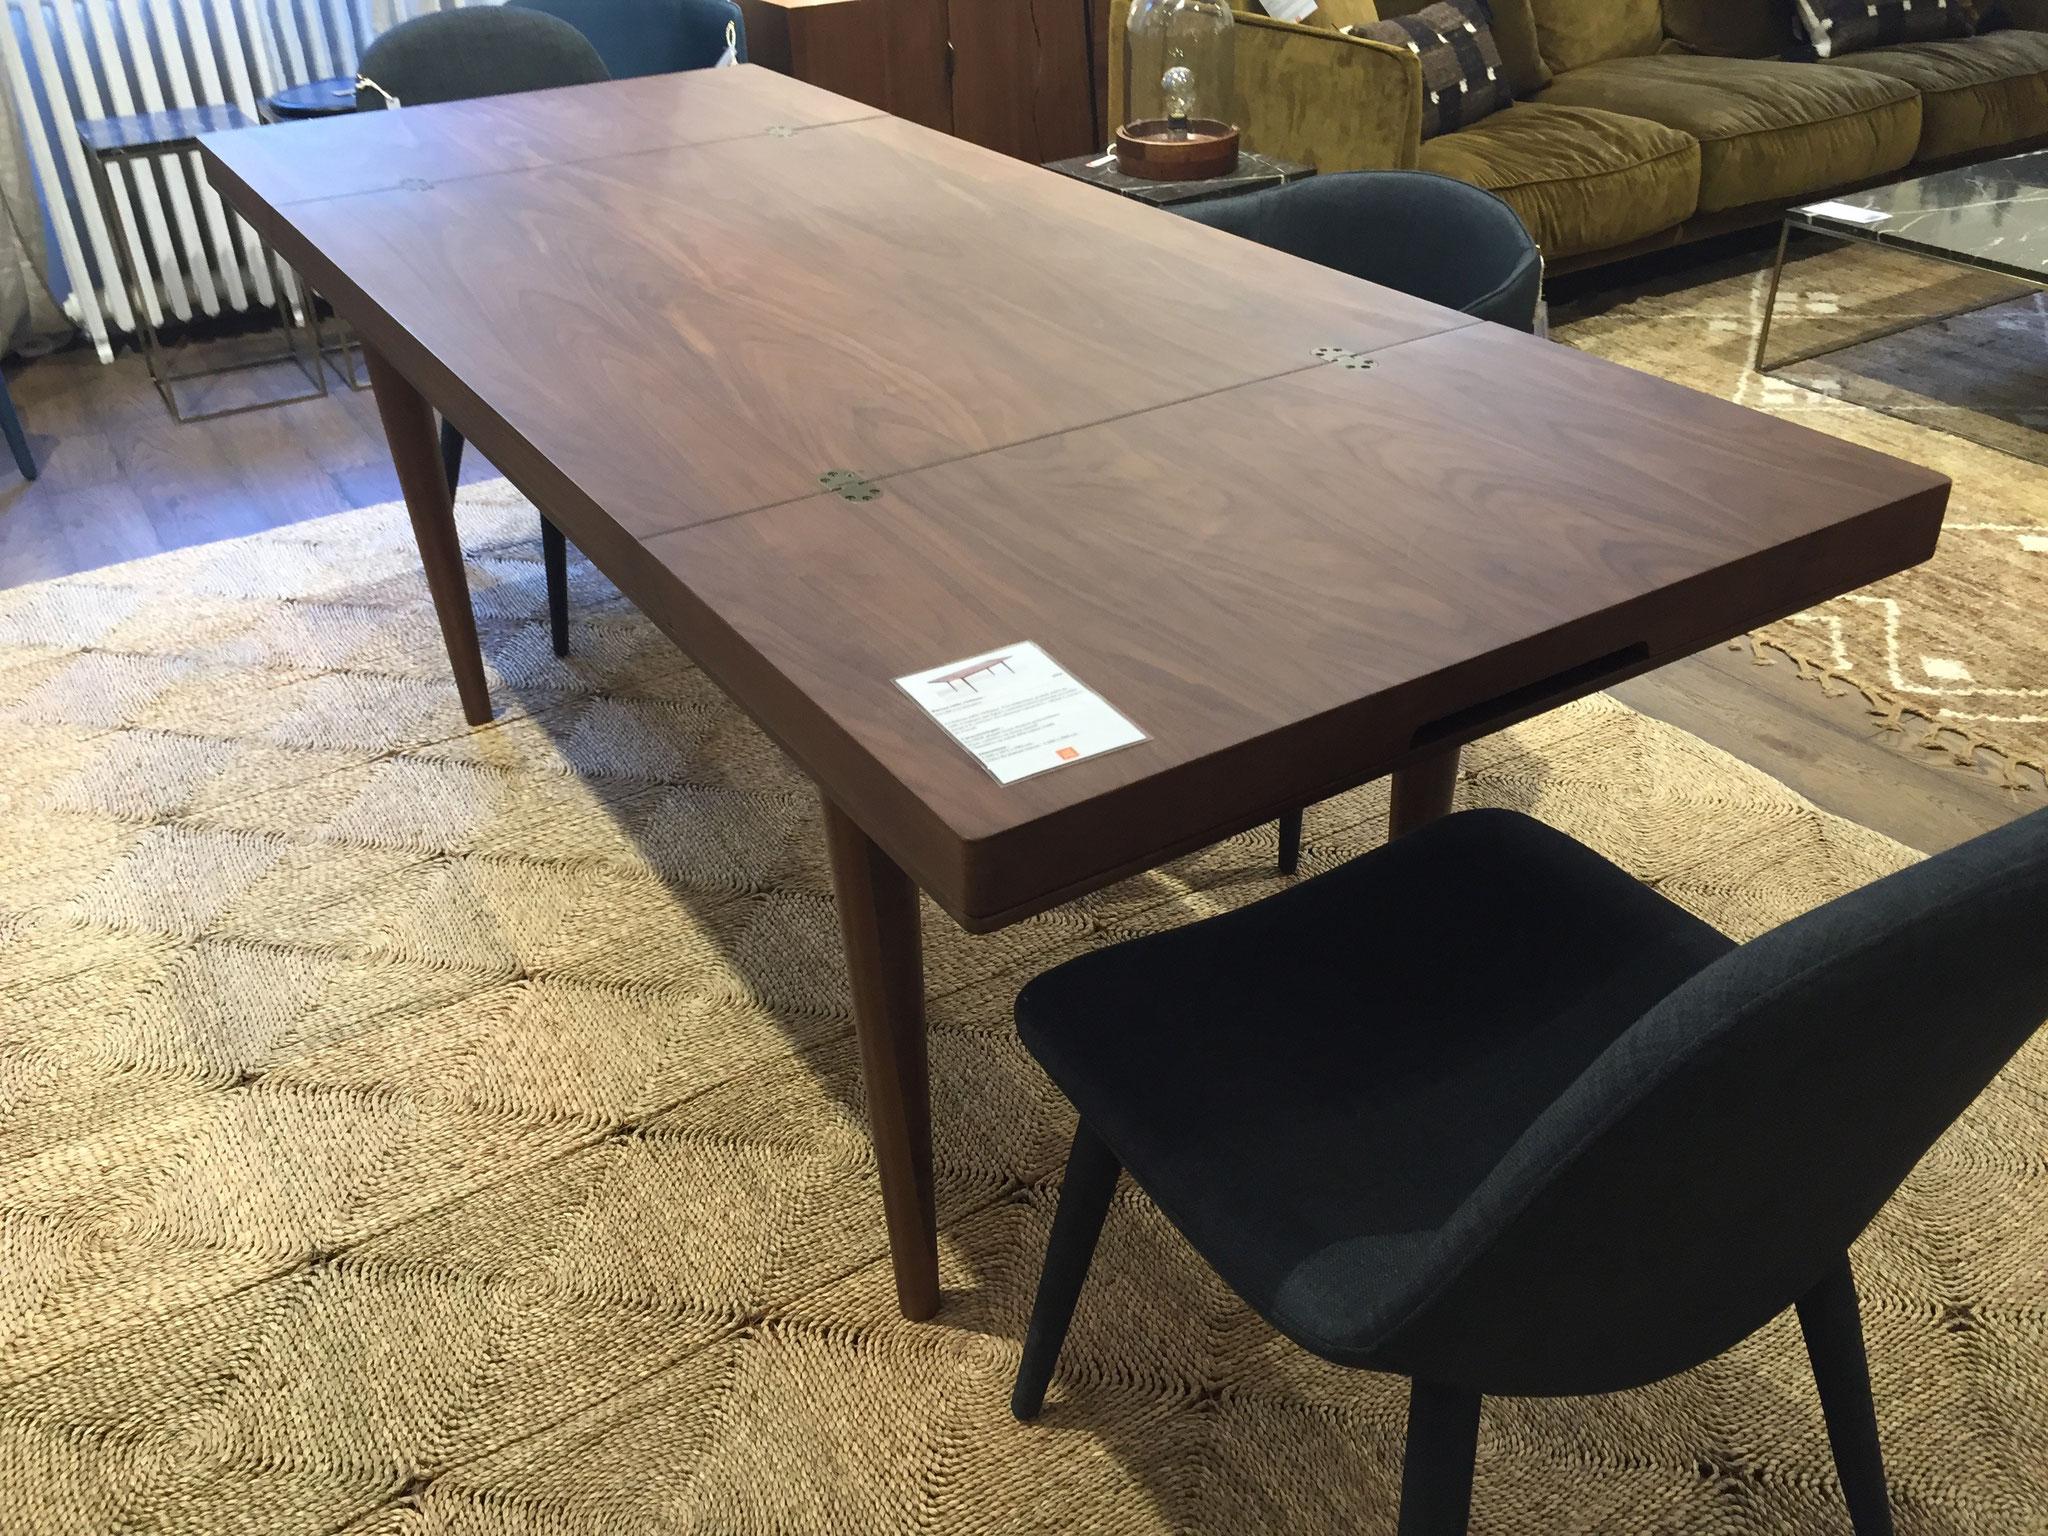 la table de salle à manger à petit prix ampm.fr #decoetmatieresvousconseille